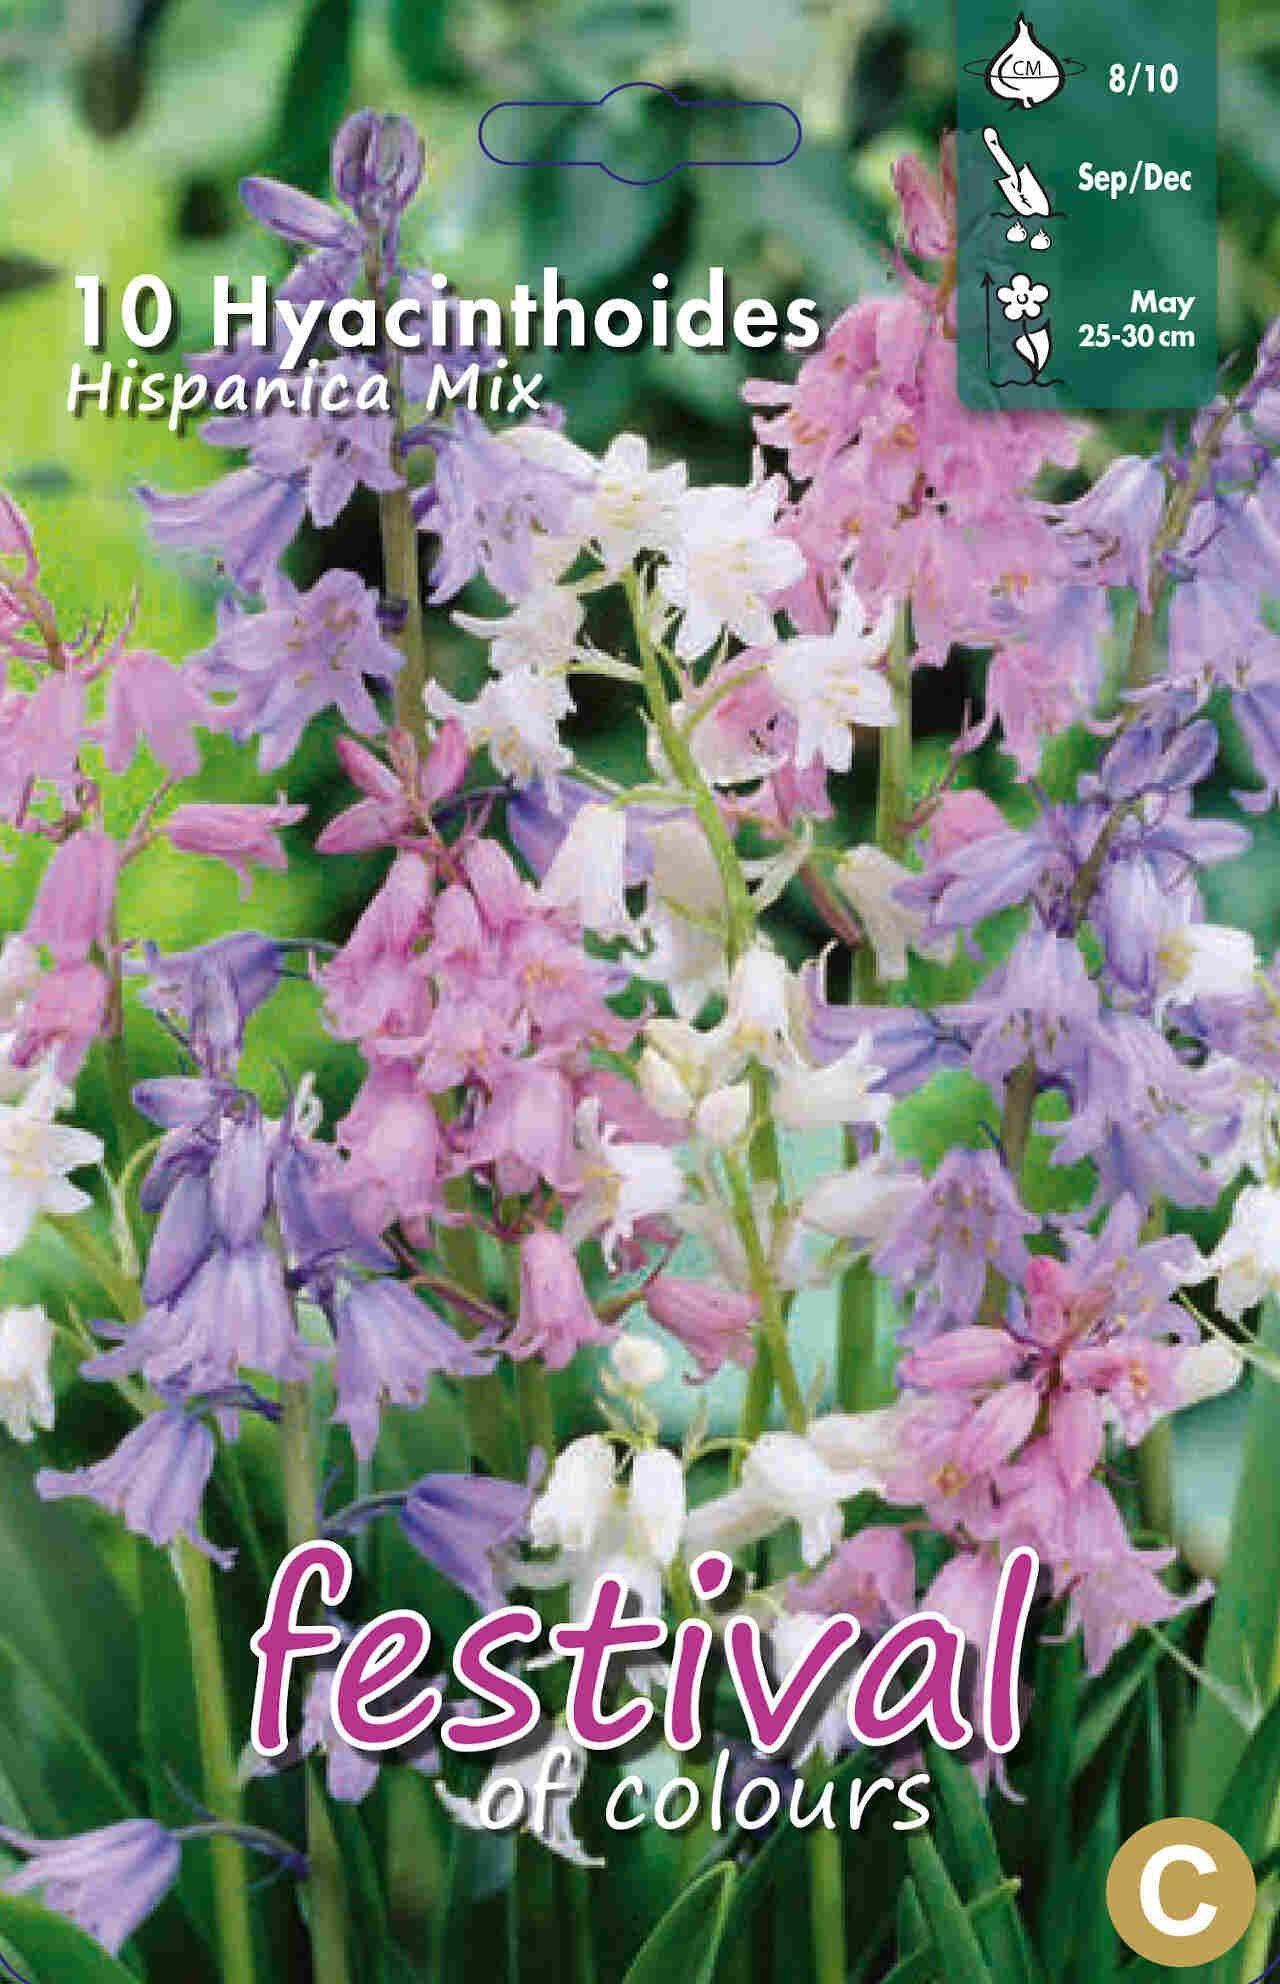 Spansk klokkeskilla - Hyacinthoides hispanica Mixed 8/10